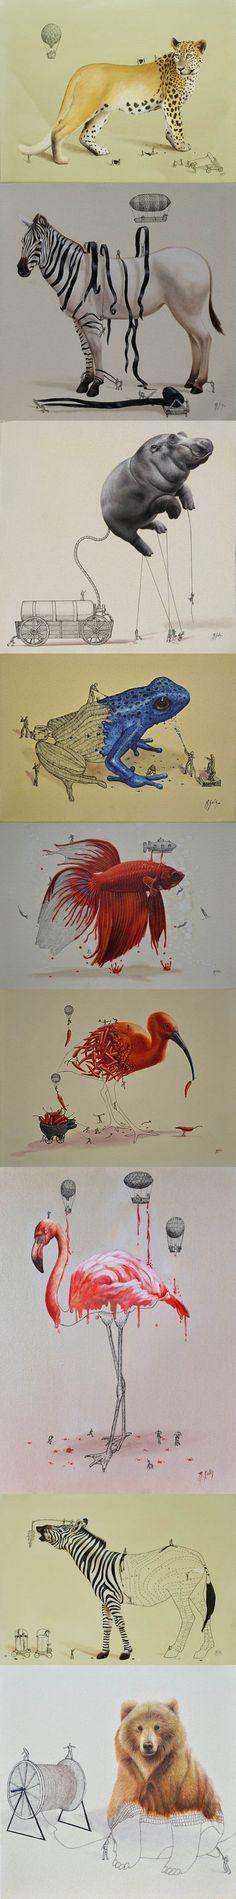 """Les réalisations de Ricardo Solís avec notamment cette série géniale en image ci-dessous qui est une sorte d'exploration de la """"construction"""" de différents animaux."""